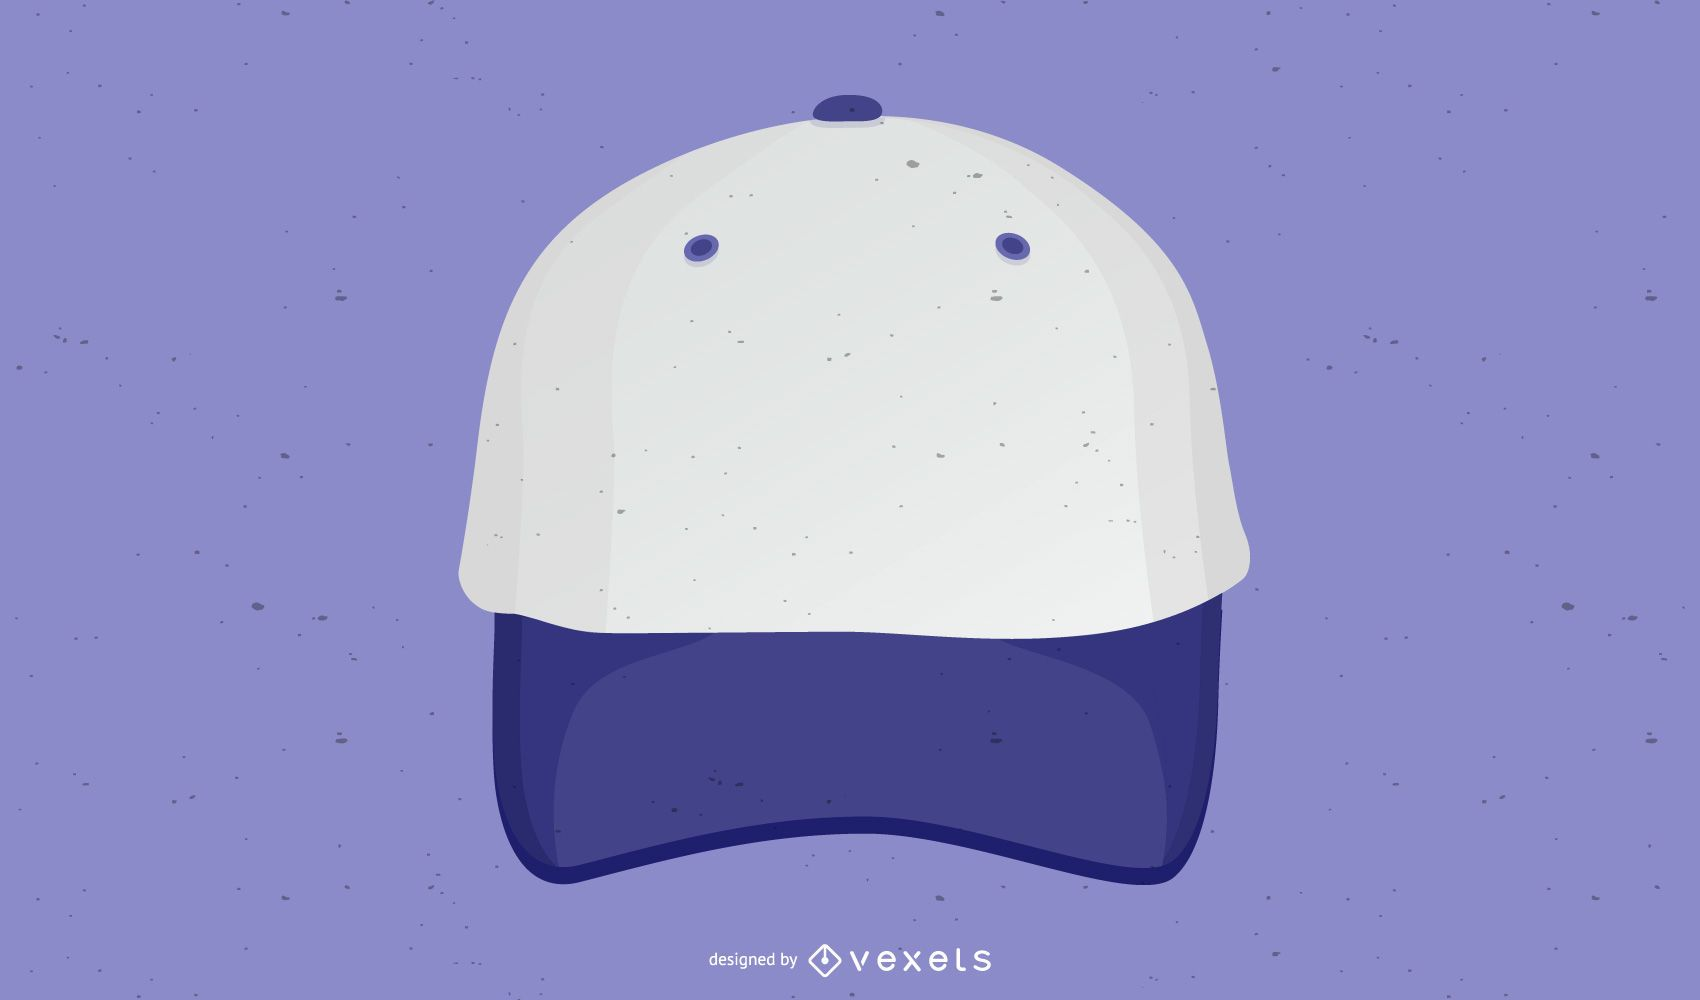 Realistic Sports Cap